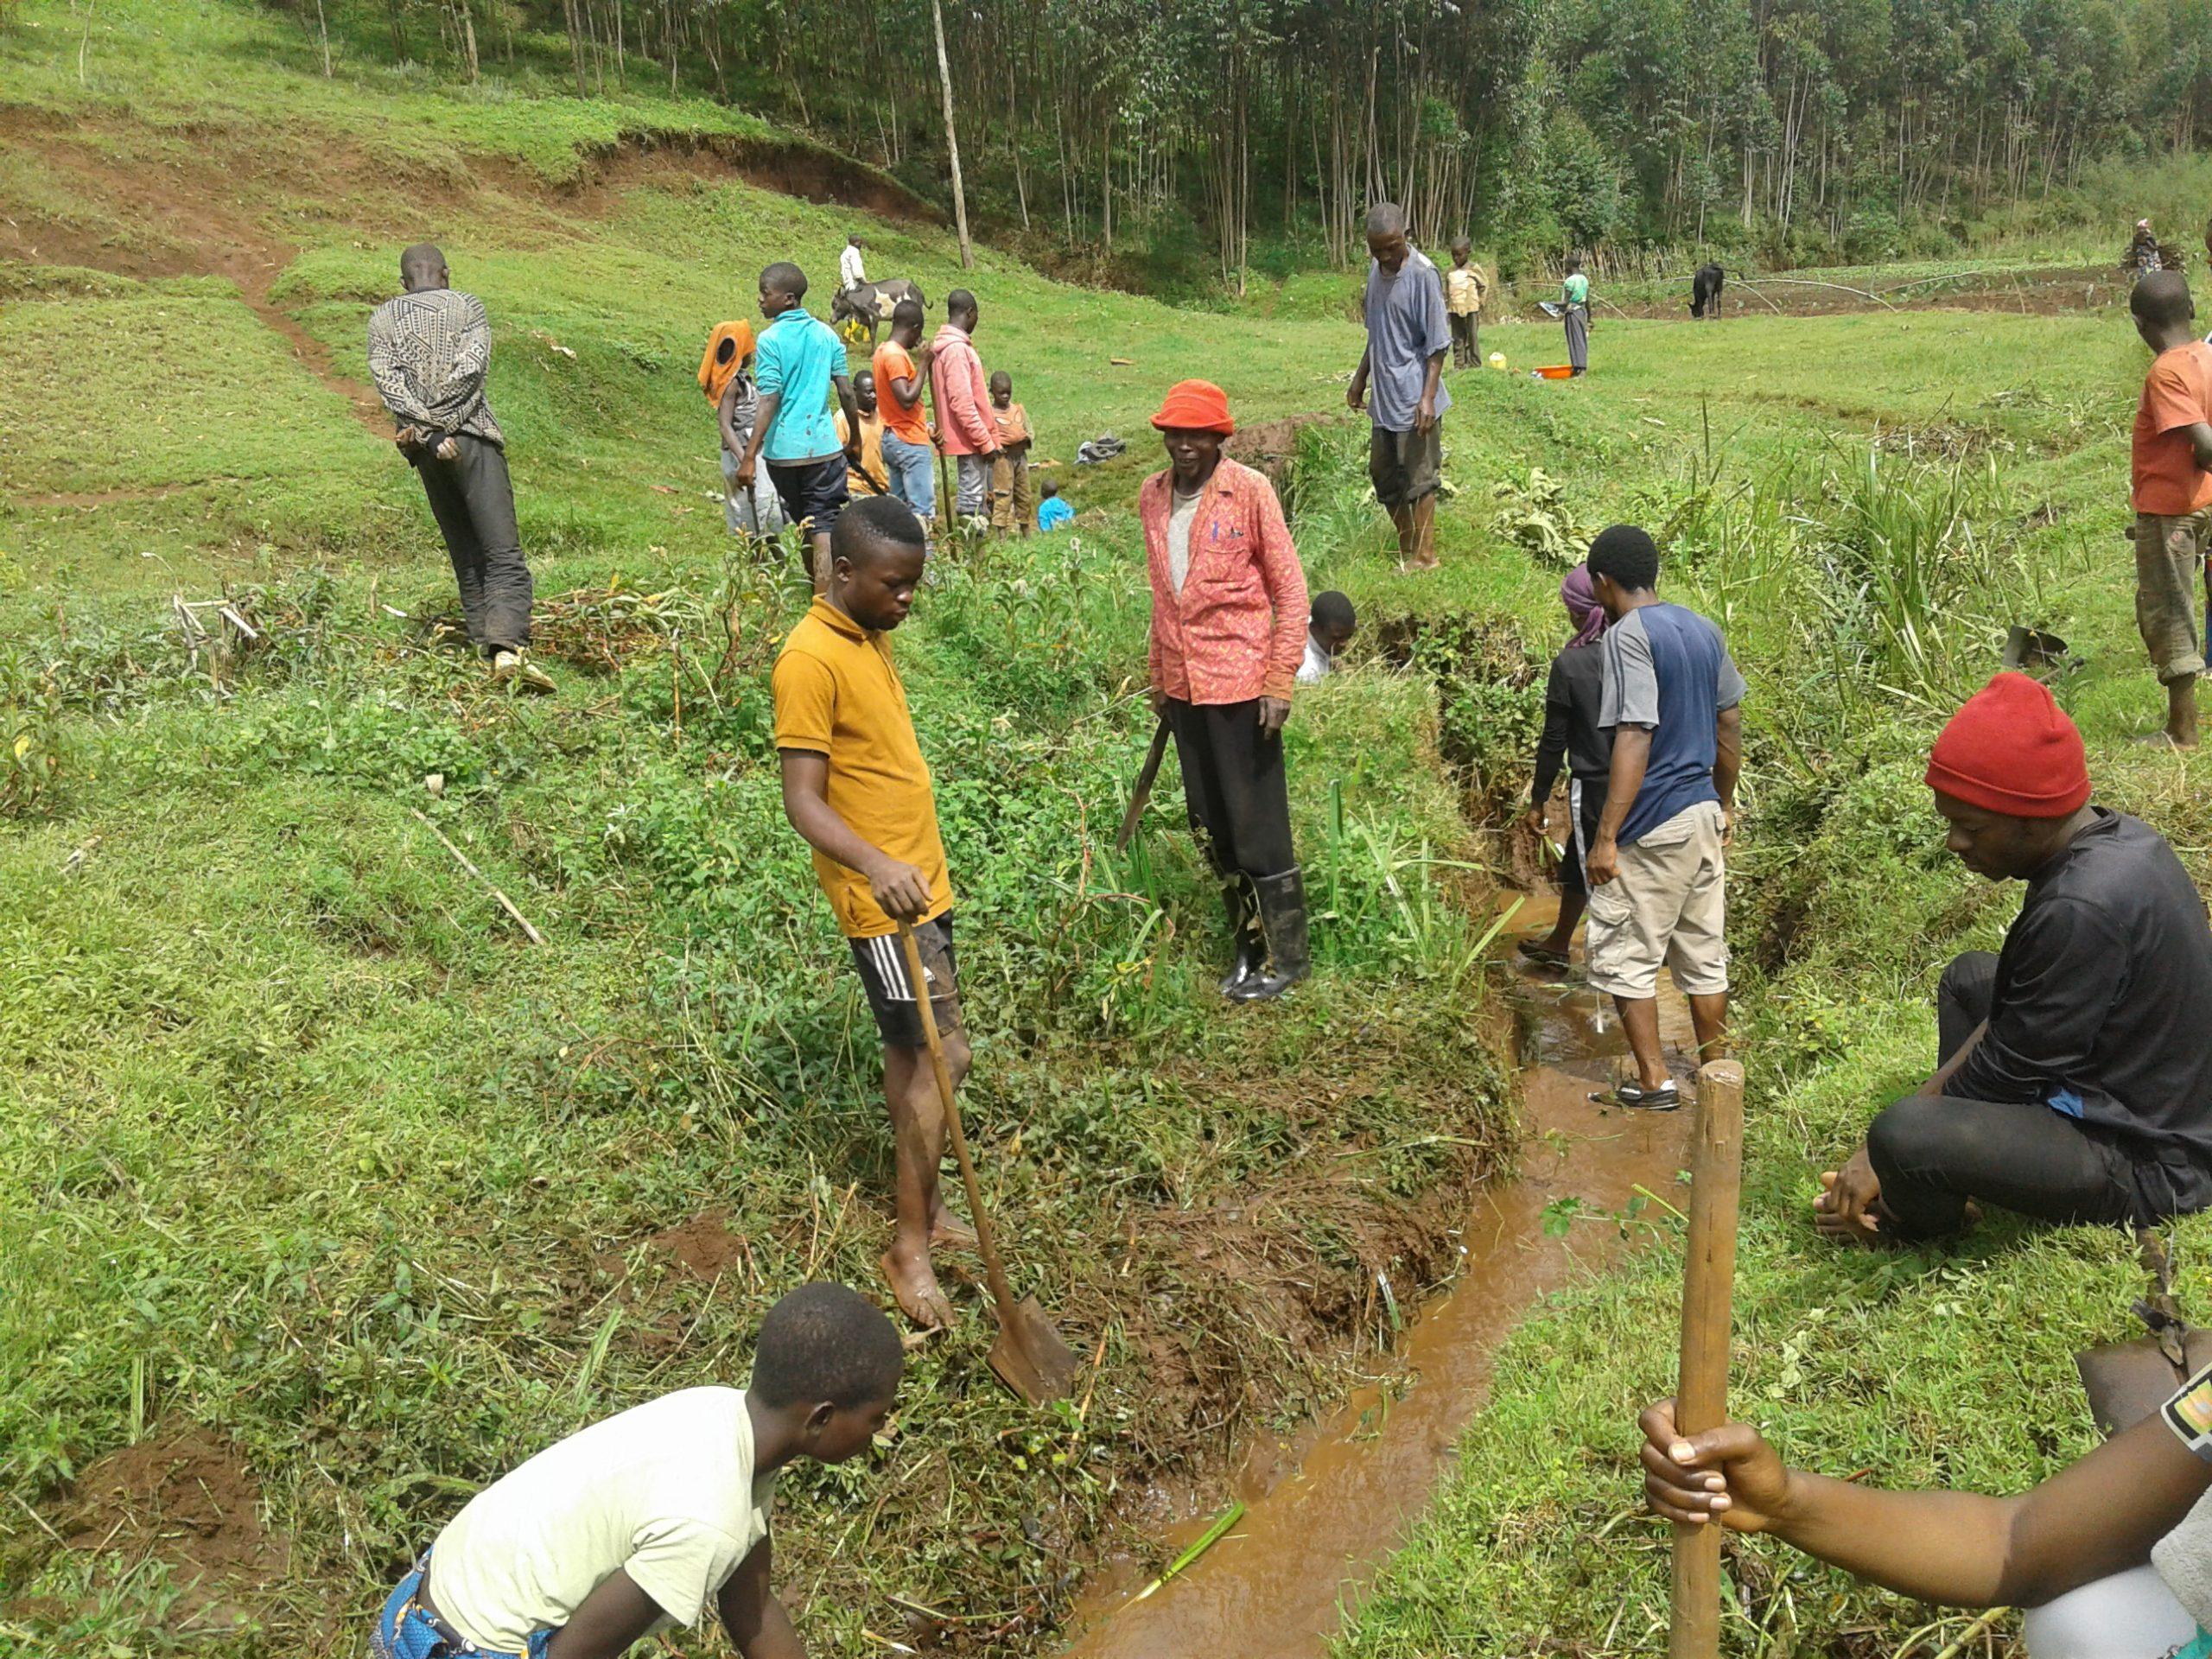 Les sorties professionnelles, une initiation des étudiant(e)s à l'identification et à la gestion des problèmes en milieux ruraux